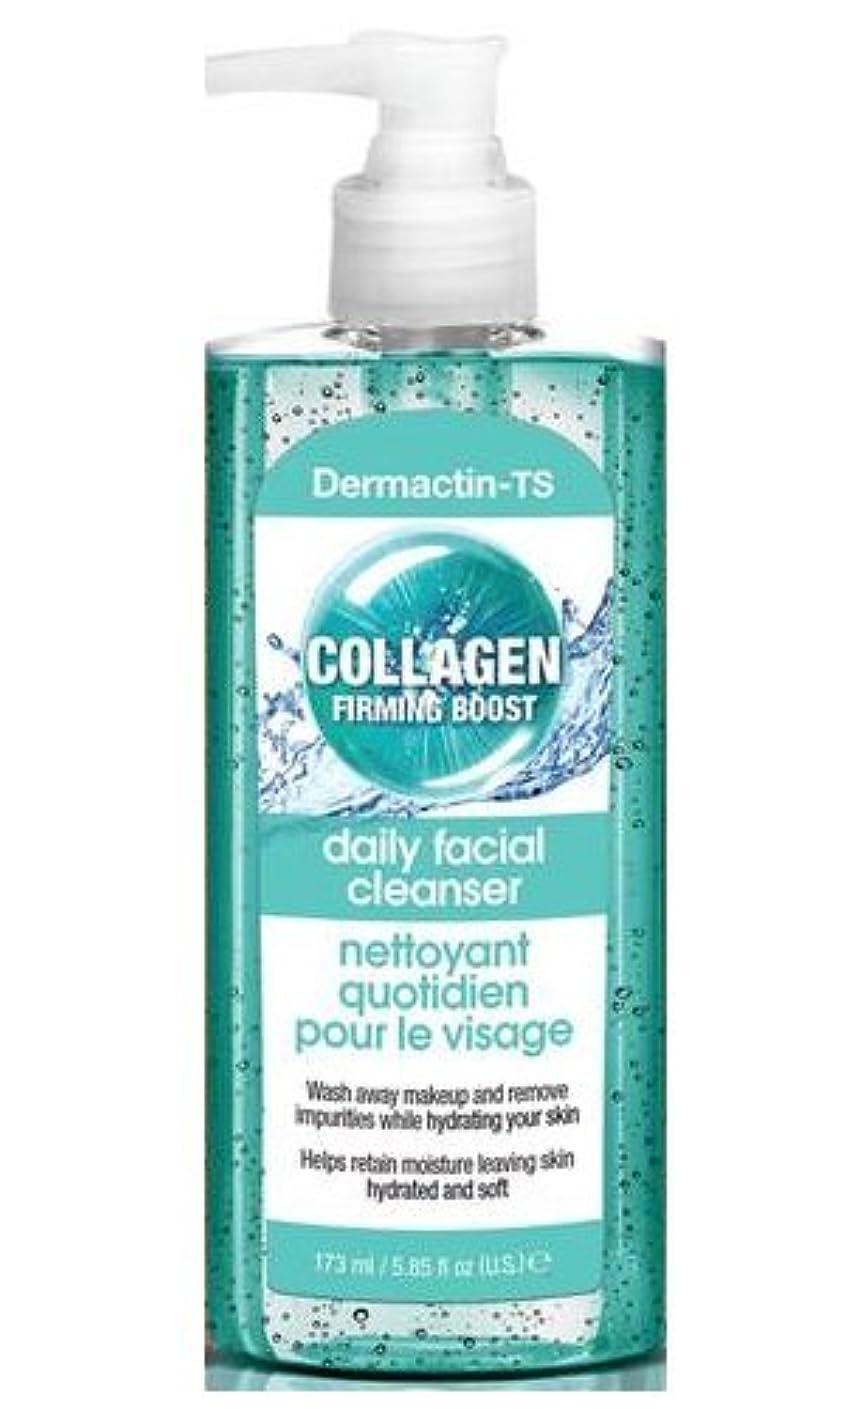 変数ニッケル削減Dermactin-TS コラーゲンフェイシャルクレンザー165g (4パック) (並行輸入品)